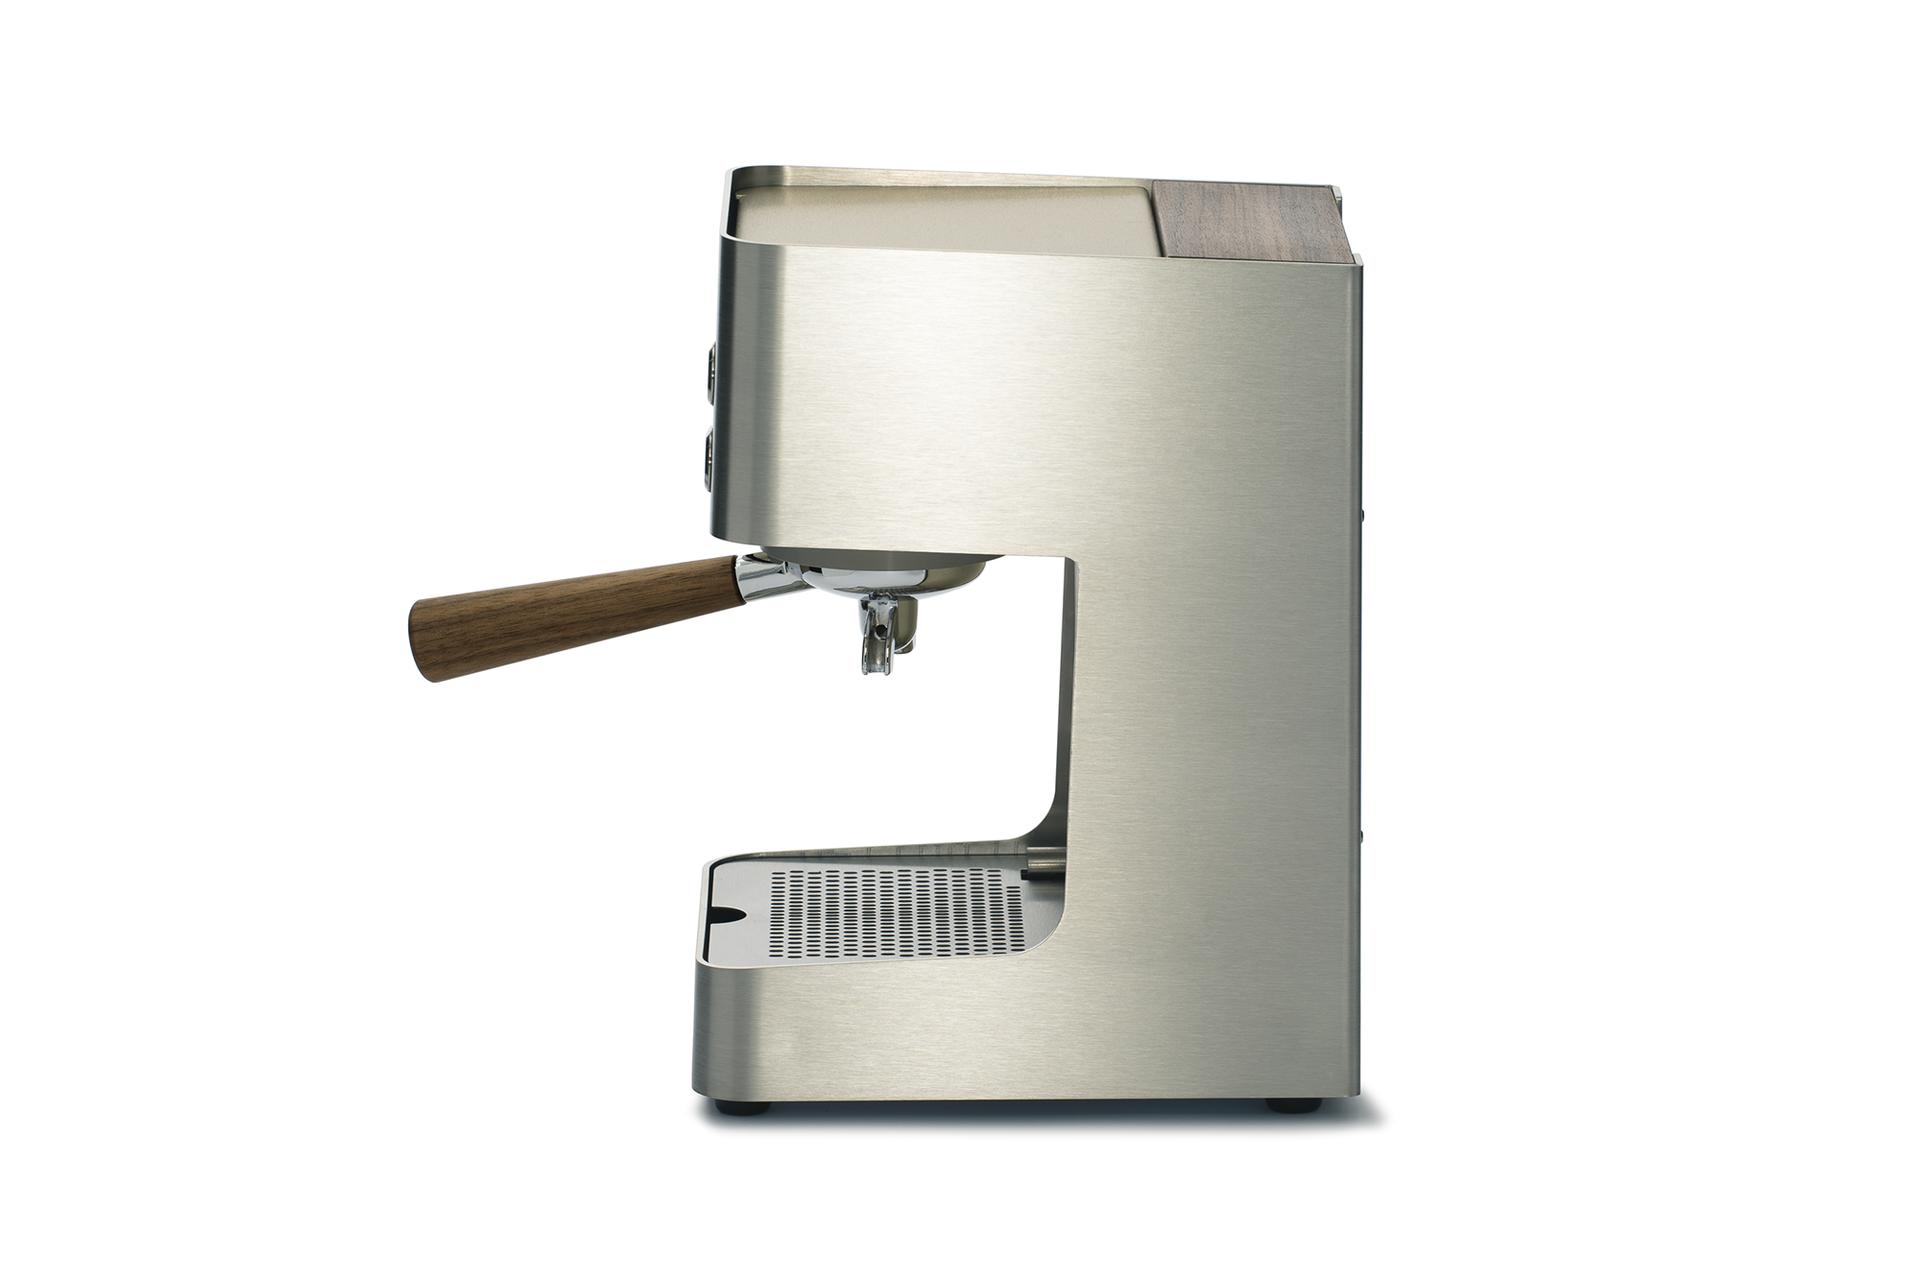 die neue schweizer espressomaschine zuriga espresso manufactur. Black Bedroom Furniture Sets. Home Design Ideas